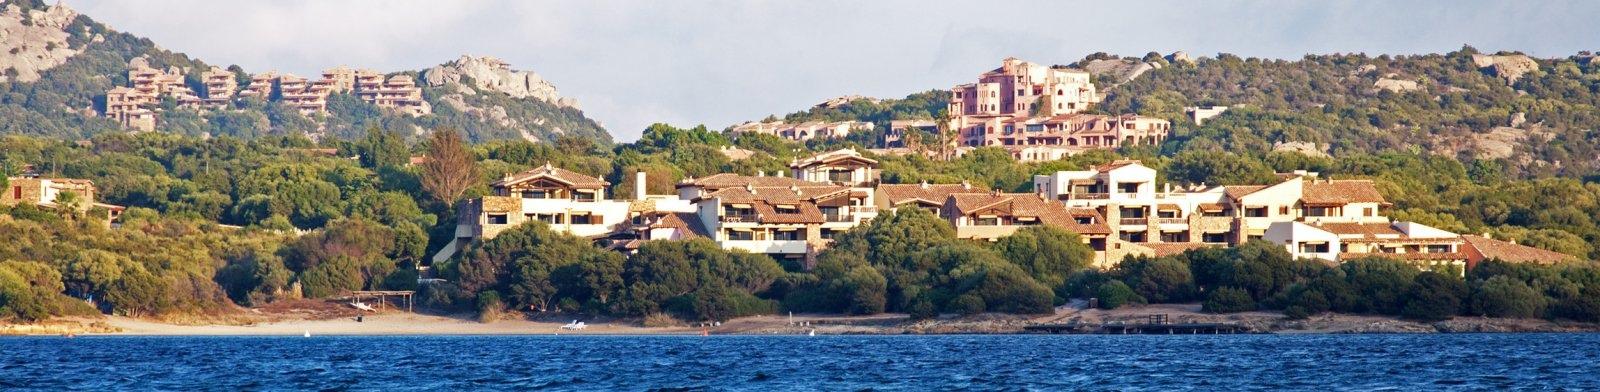 Porto Rotondo holidays